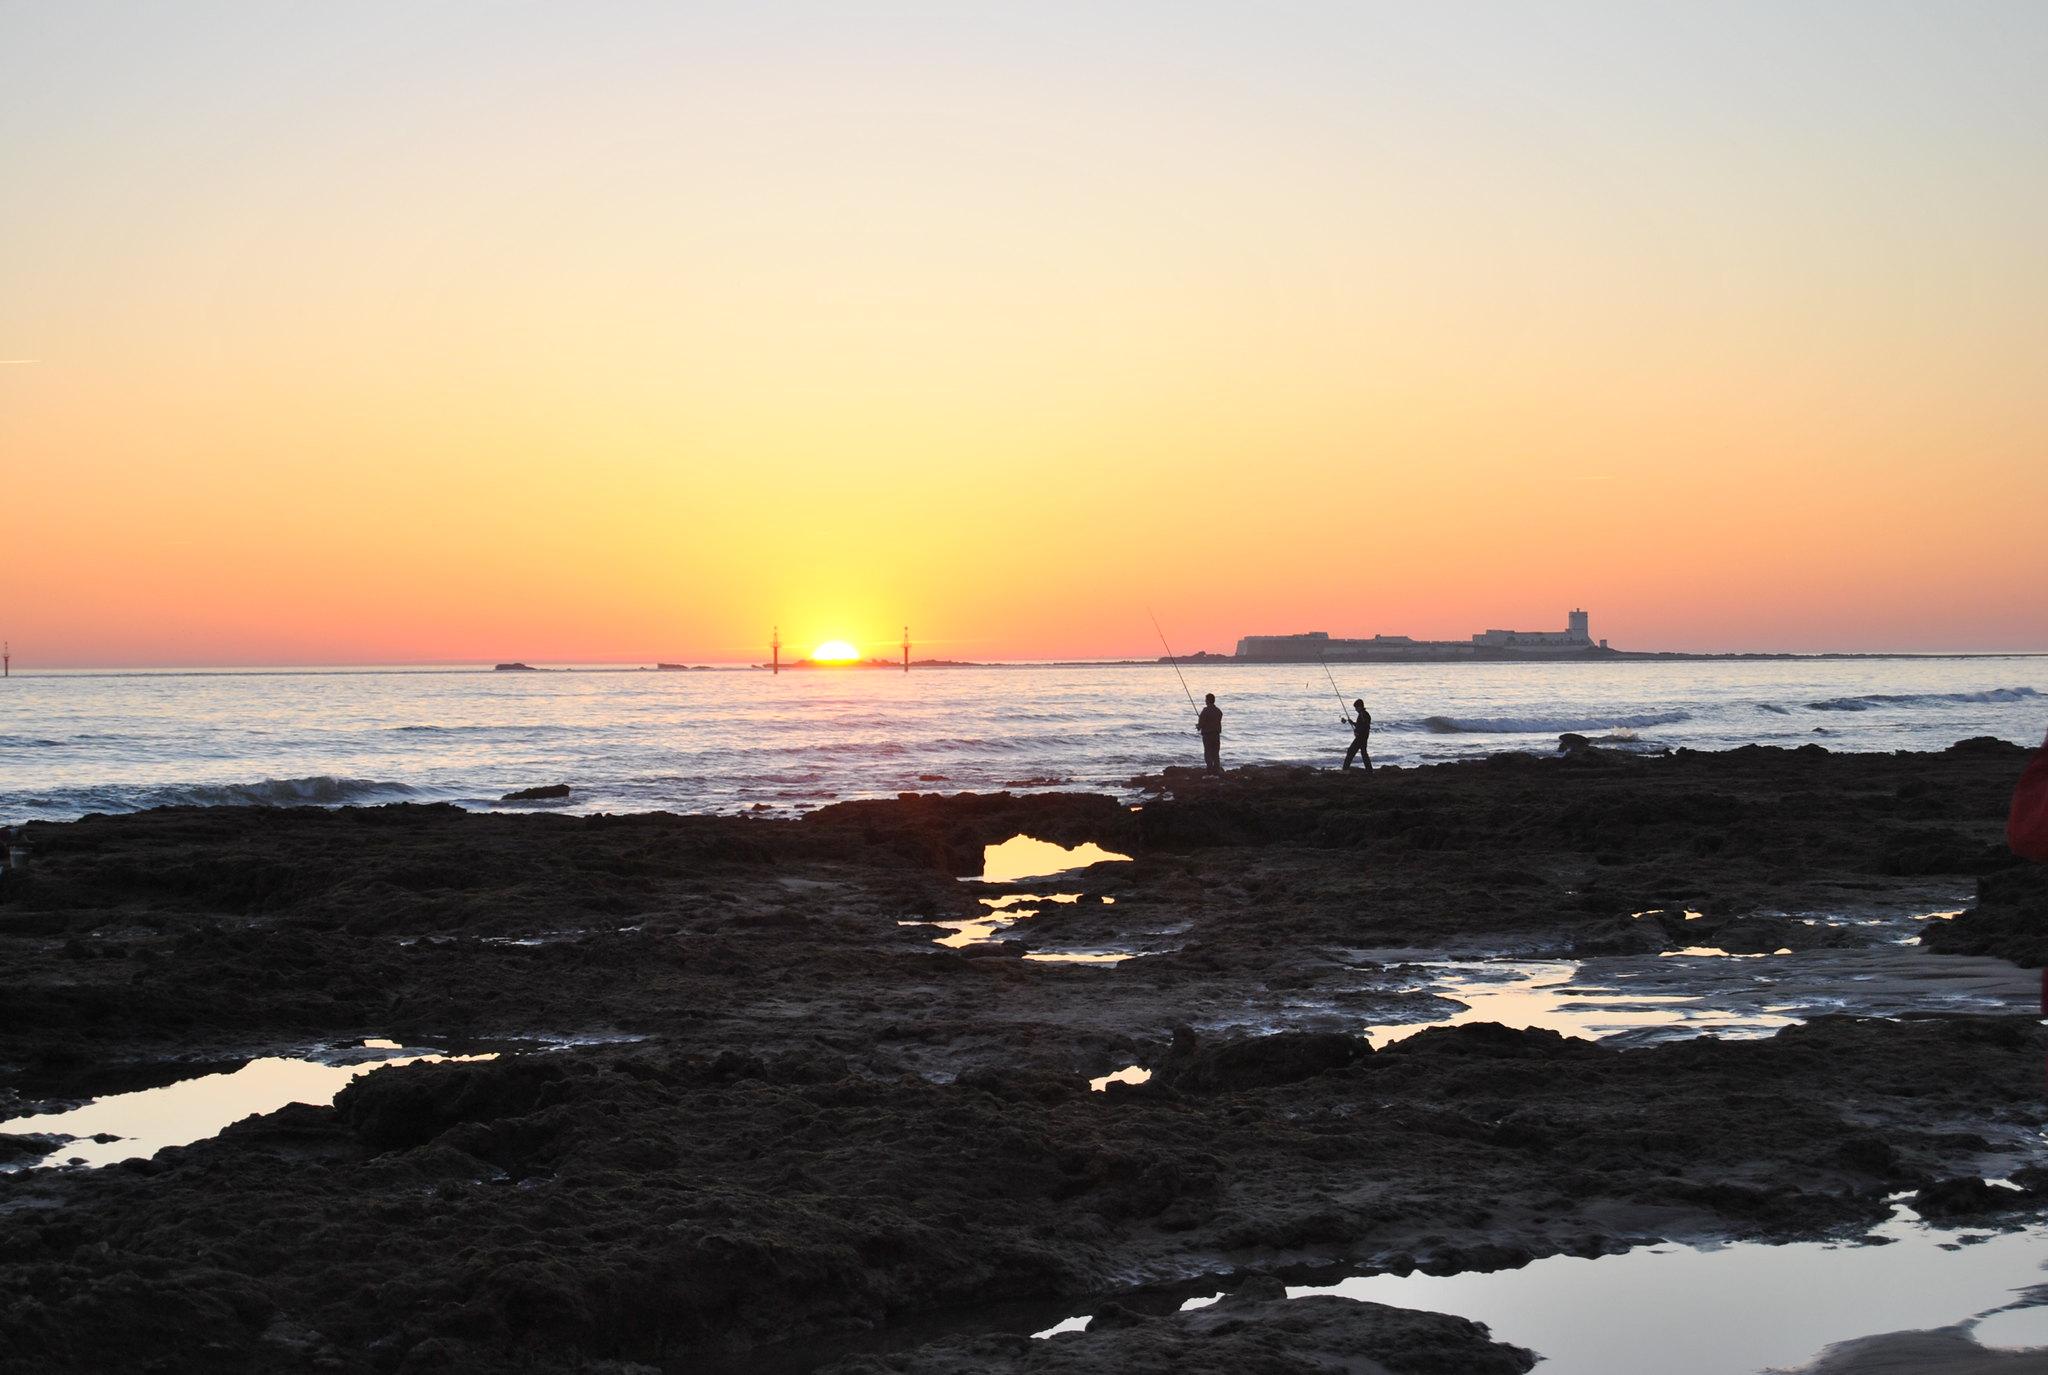 Diputación colabora con CEI·Mar en el estudio sobre las playas del litoral gaditano